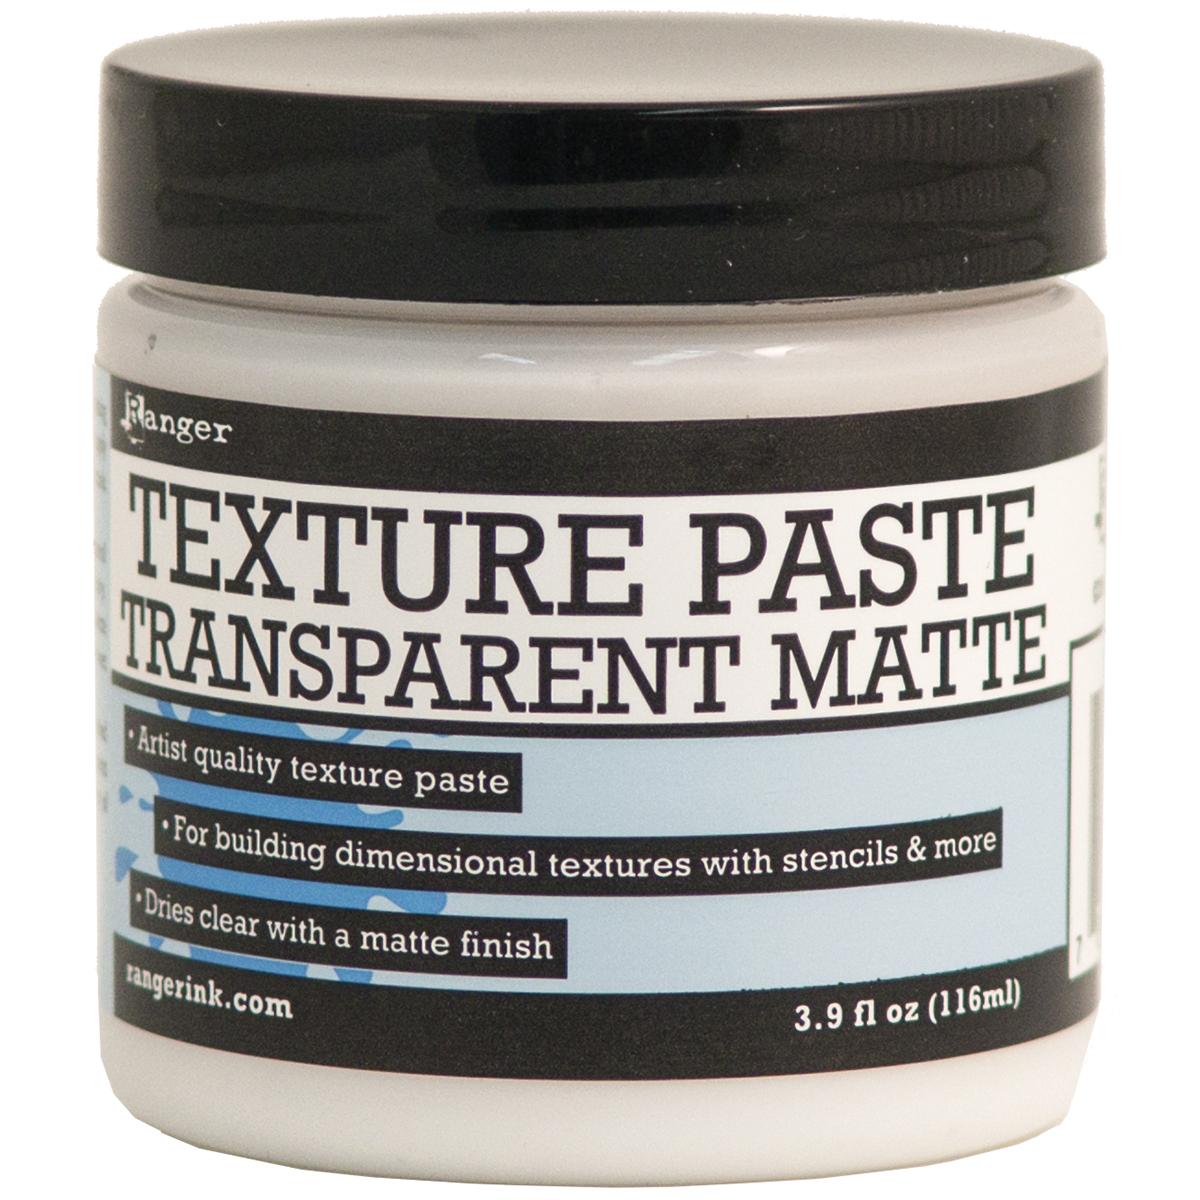 Ranger Texture Paste 4oz-Transparent Matte